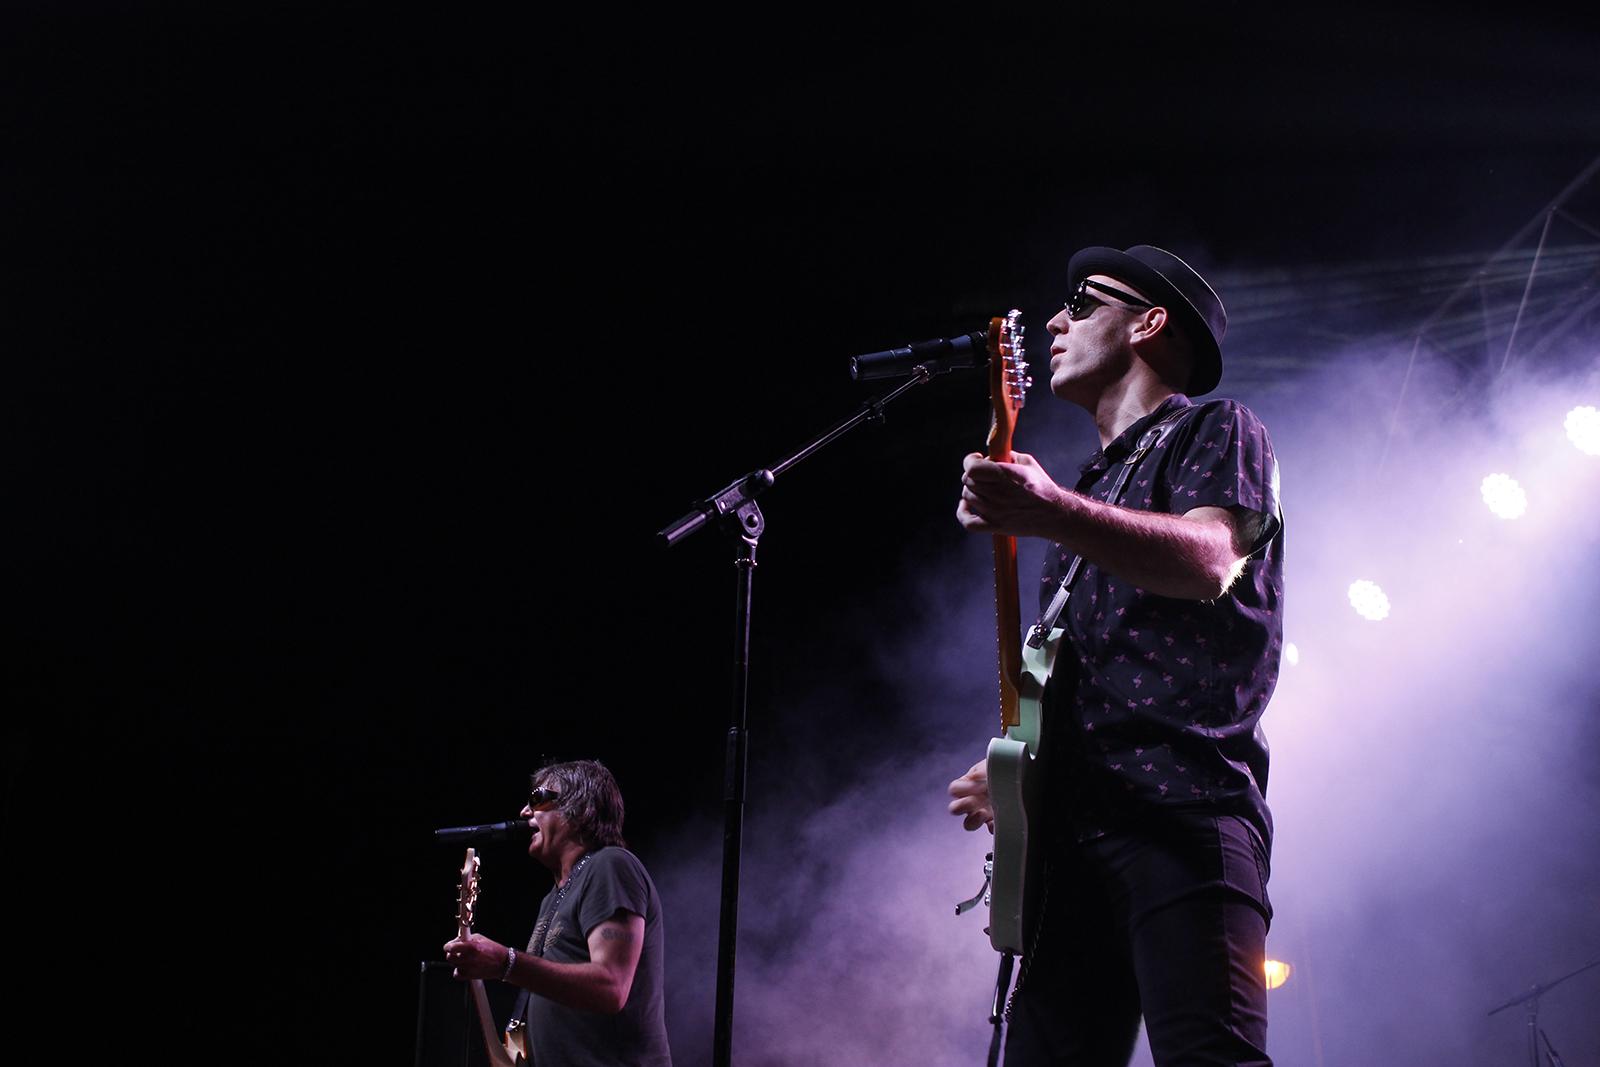 Baile, rock y pura adrenalina con 'La Frontera' y 'Danza Invisible' en Playa Serena II